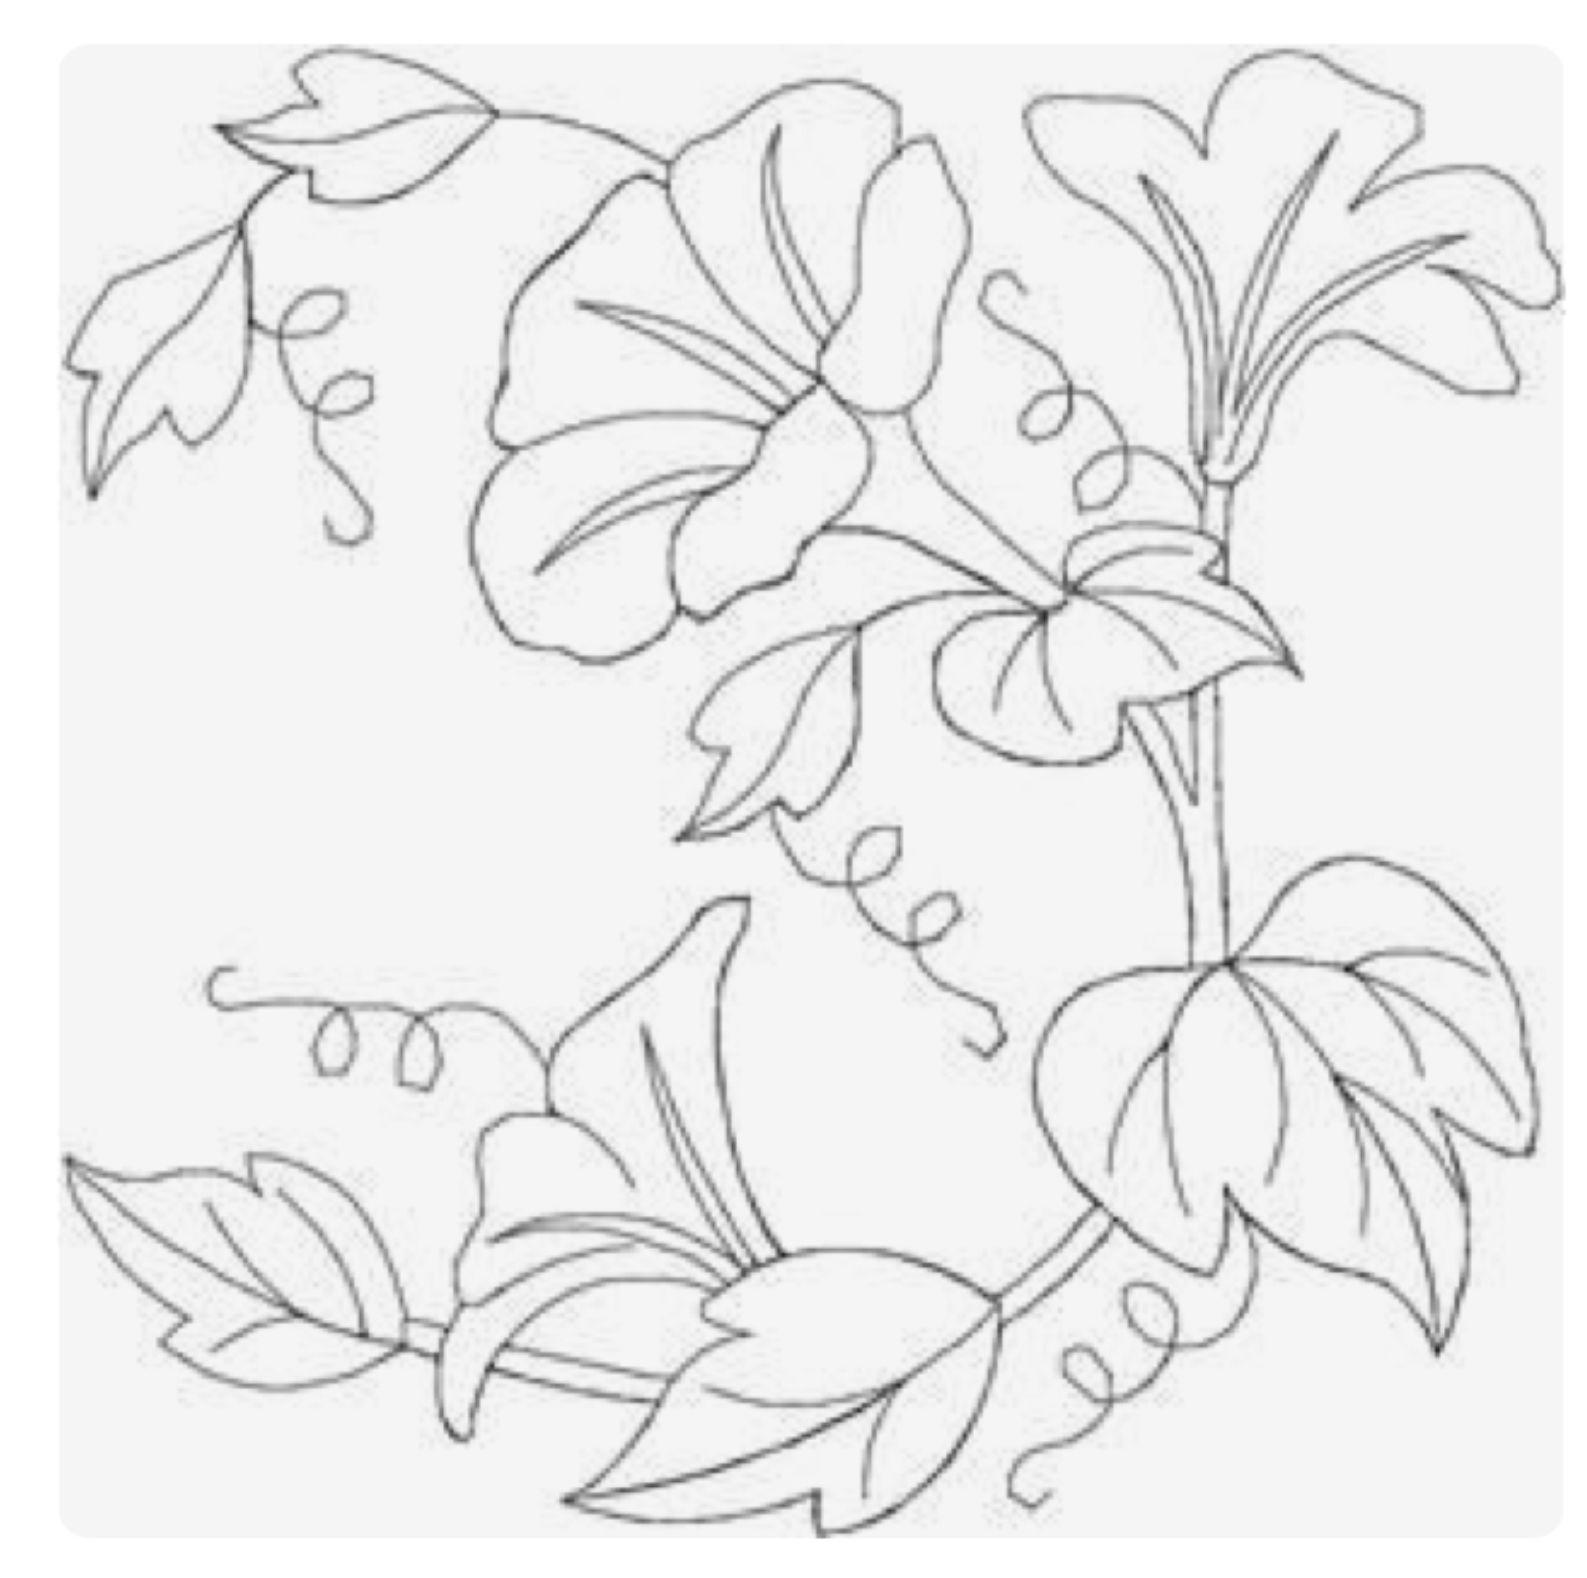 Imagen sobre Patrones de bordado de Celinaanilec en